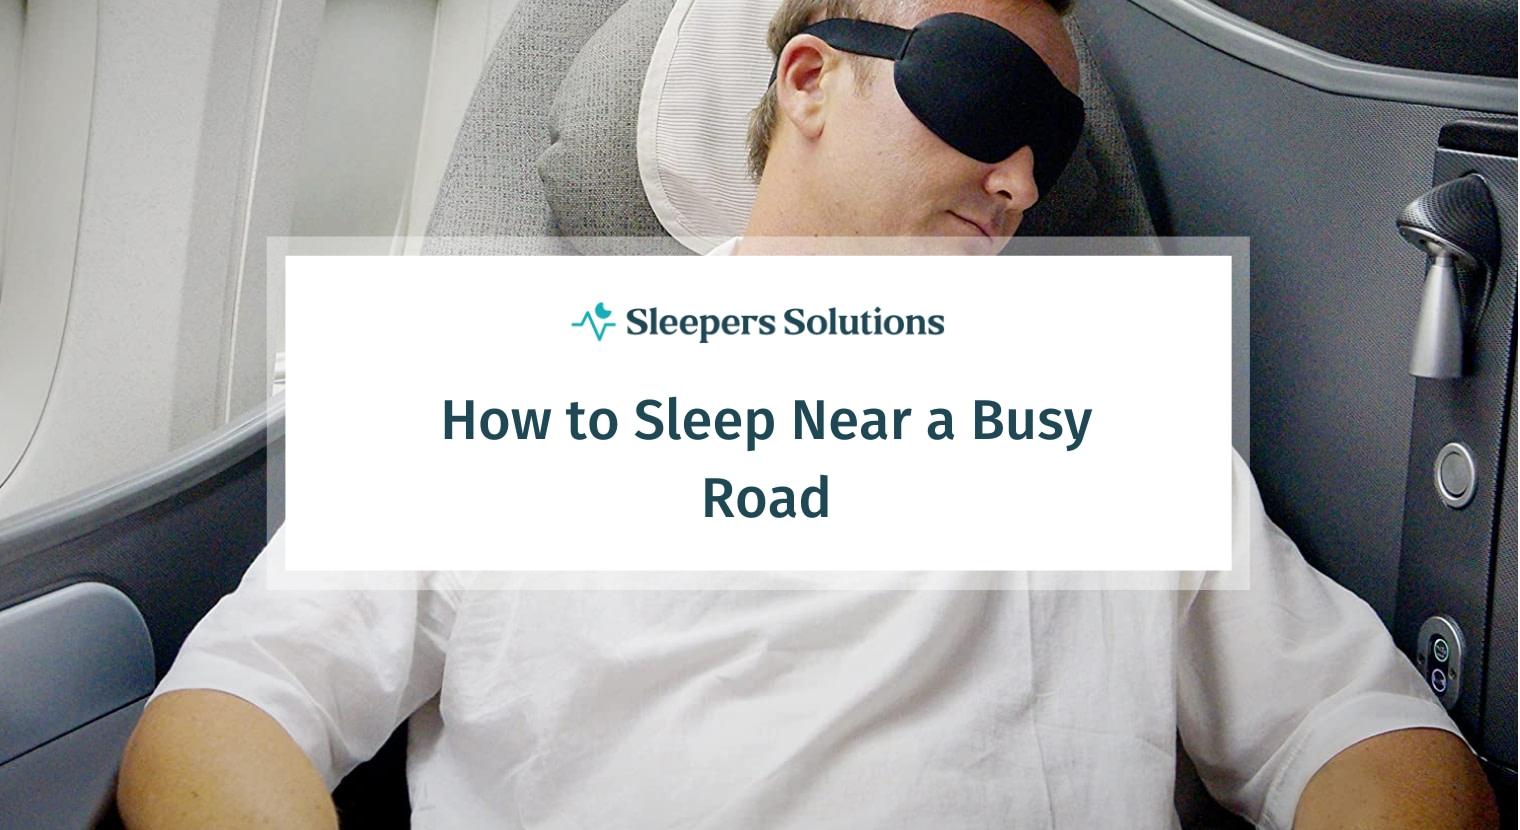 How to Sleep Near a Busy Road